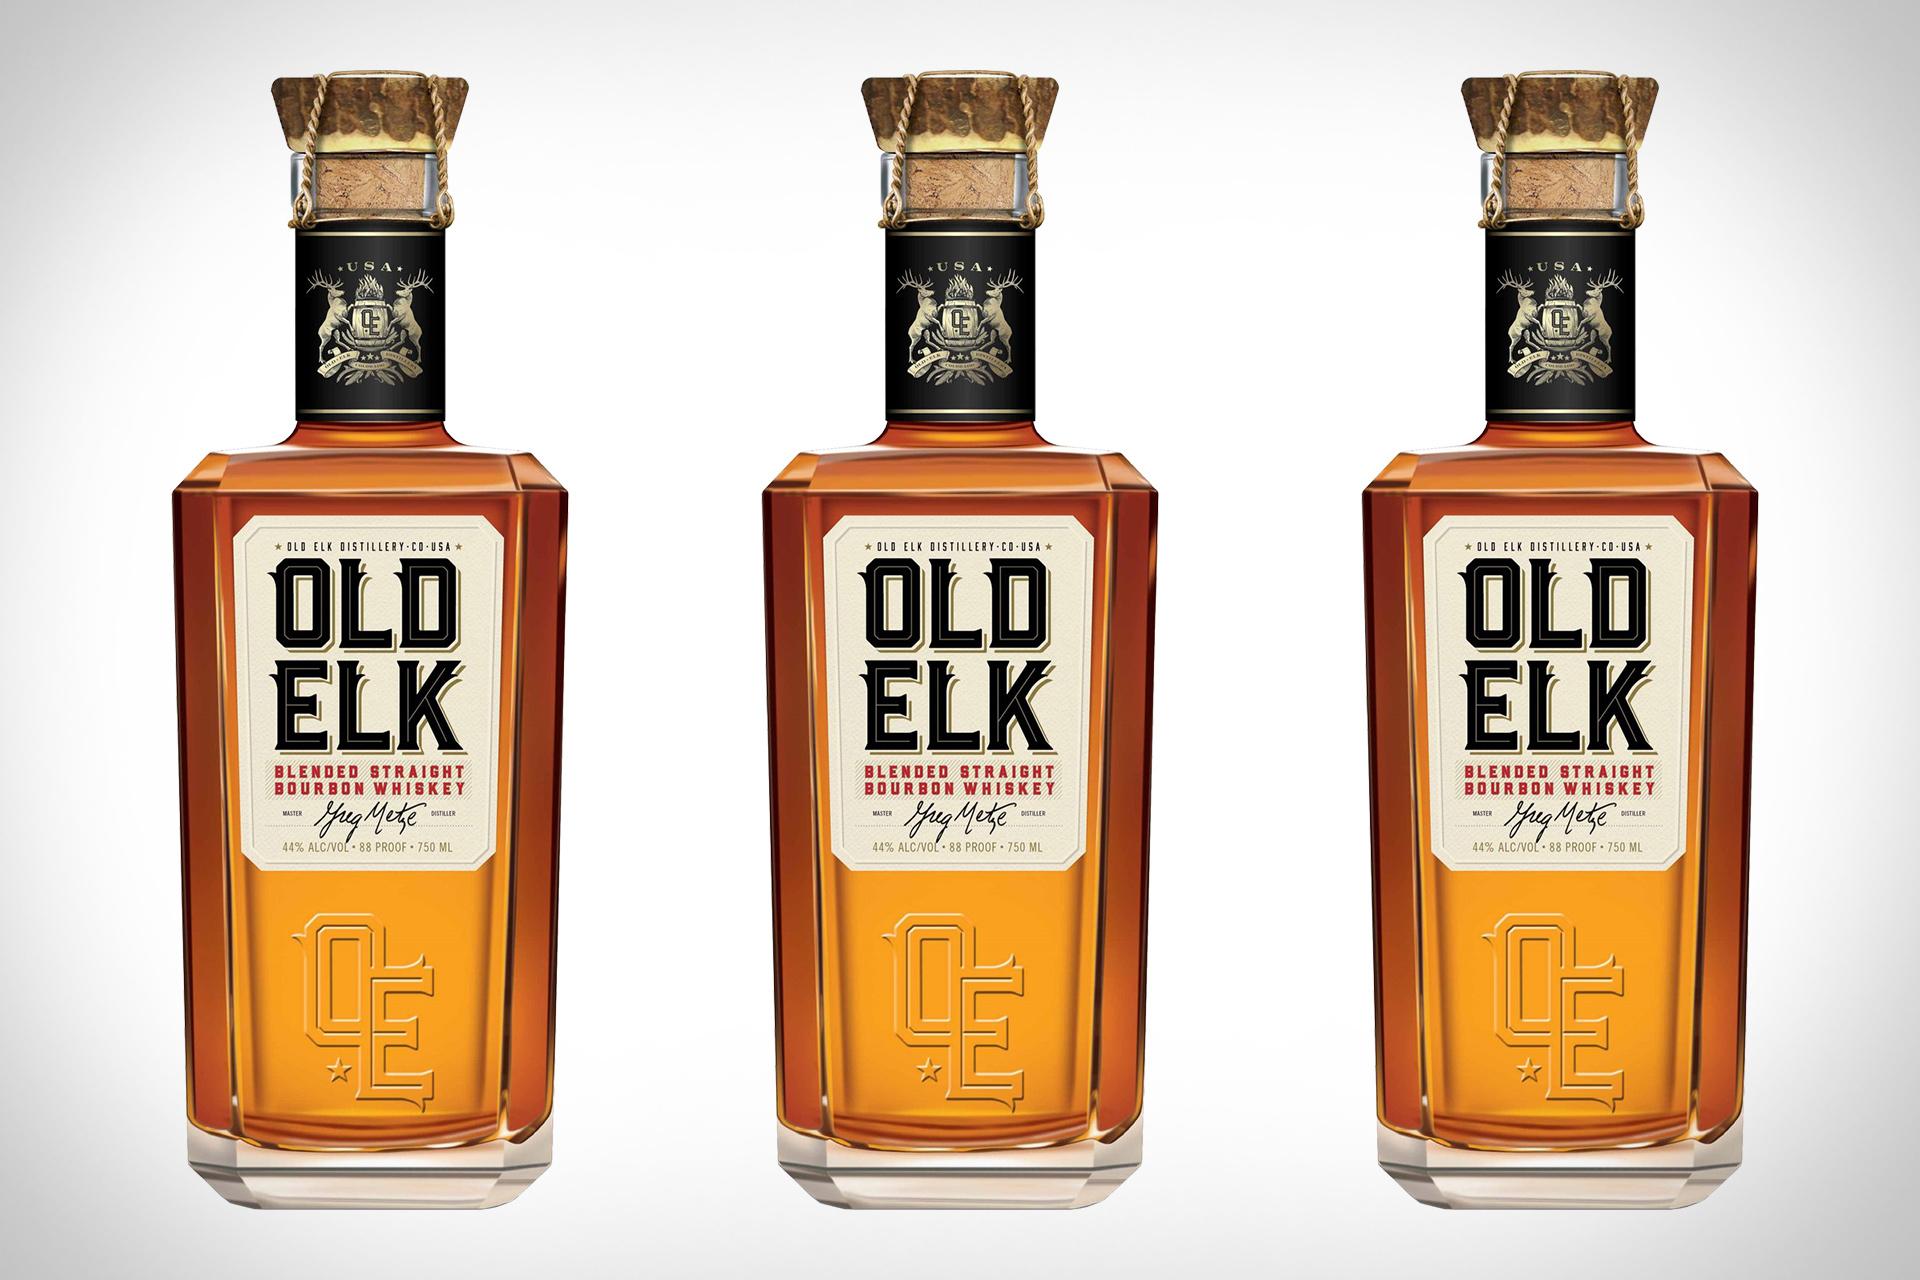 Le Bourbon Old Elk